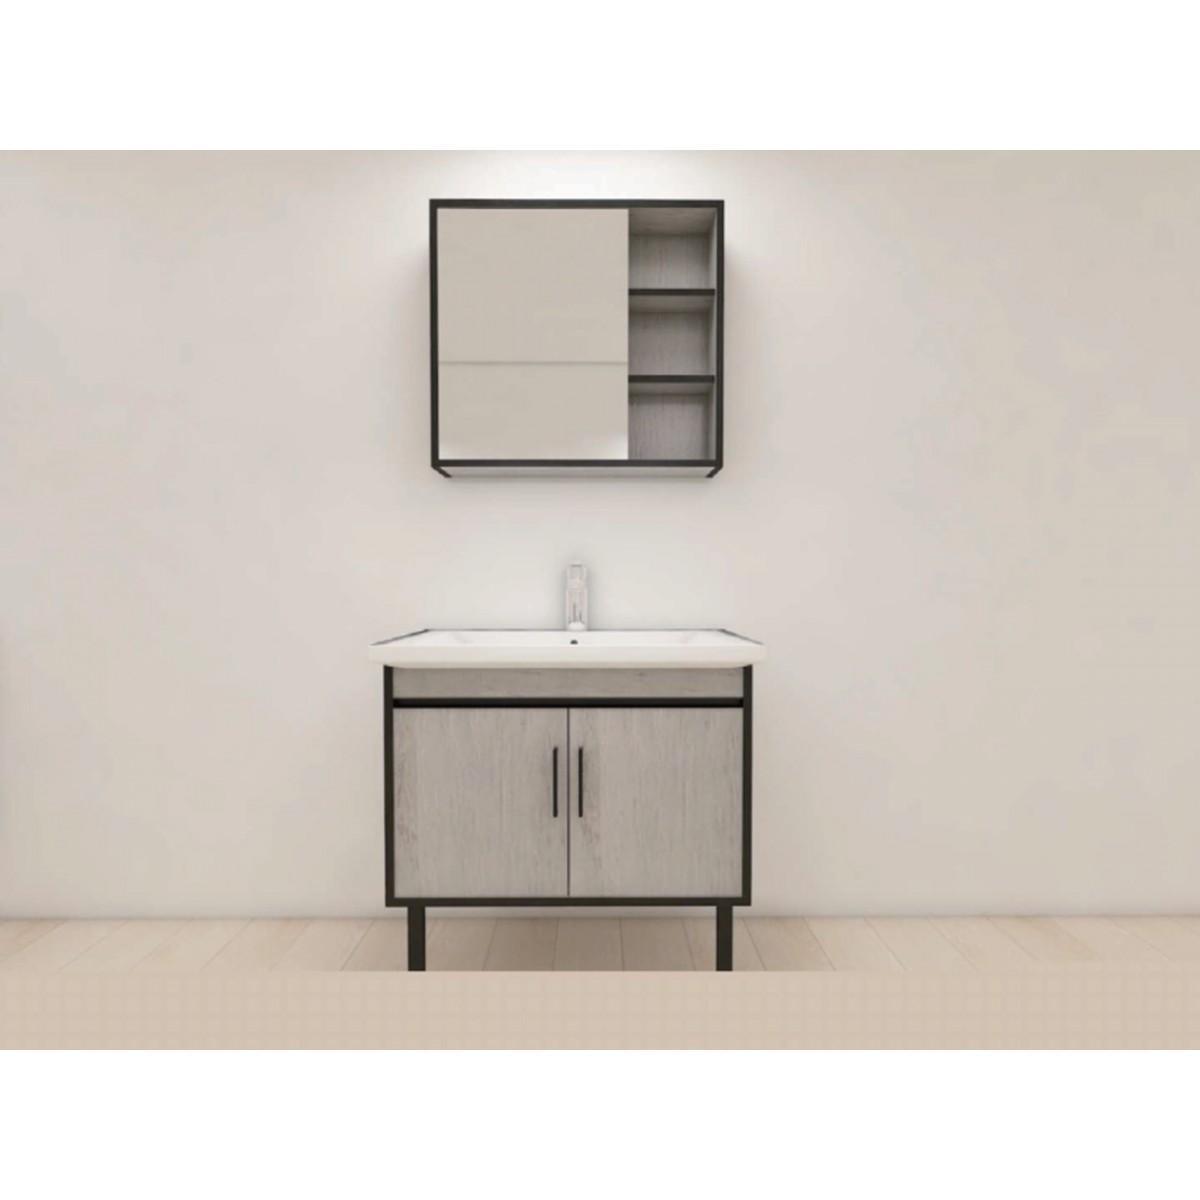 箭牌卫浴 浴室柜 ADGMD8L3238-5